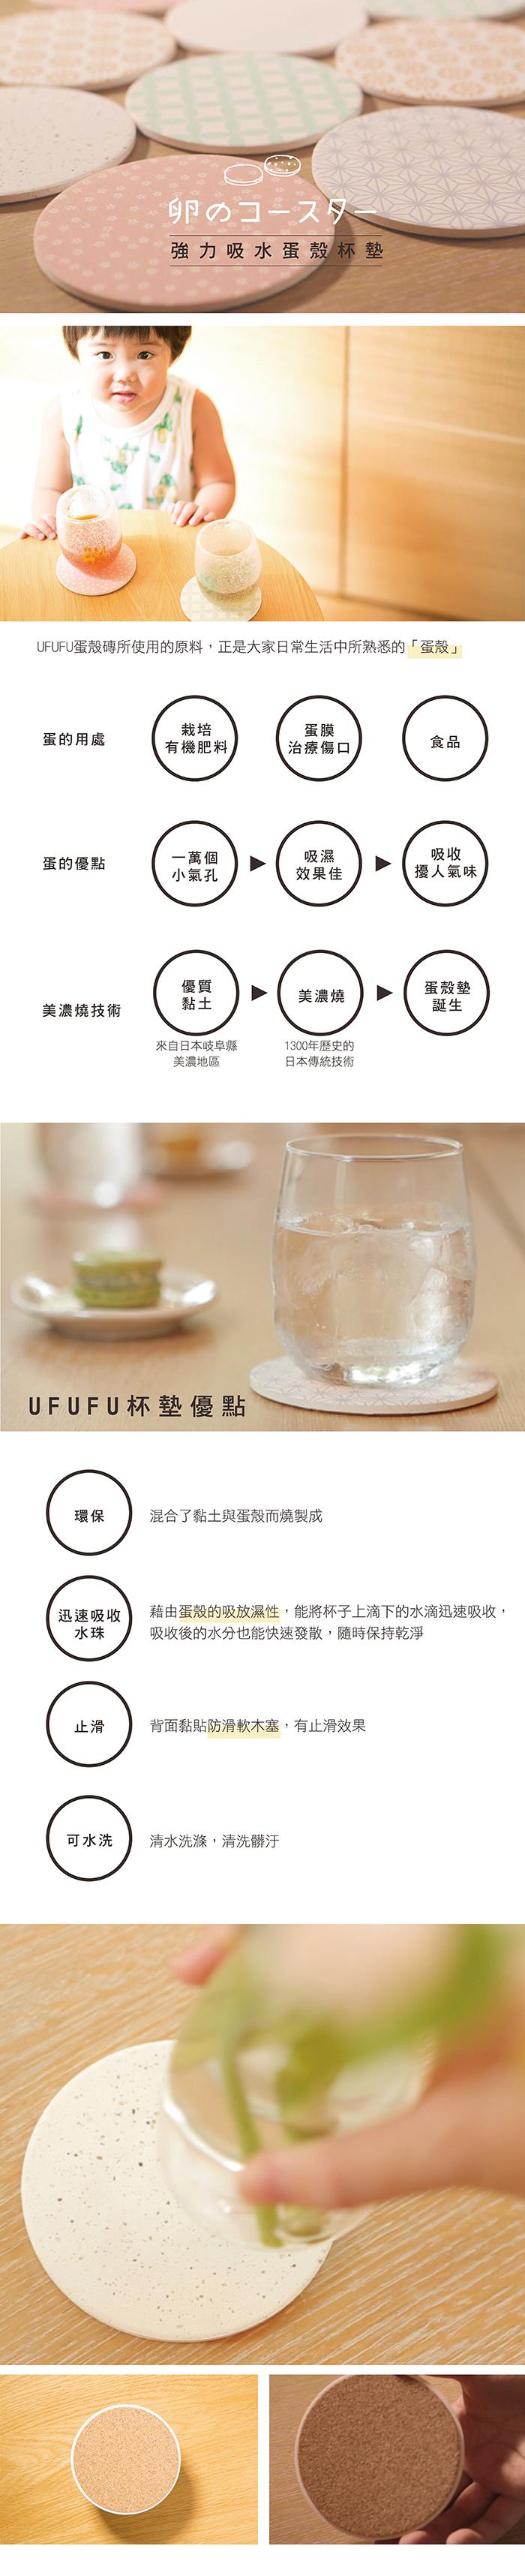 UFUFU 強力吸水蛋殼防滑地墊(單入)